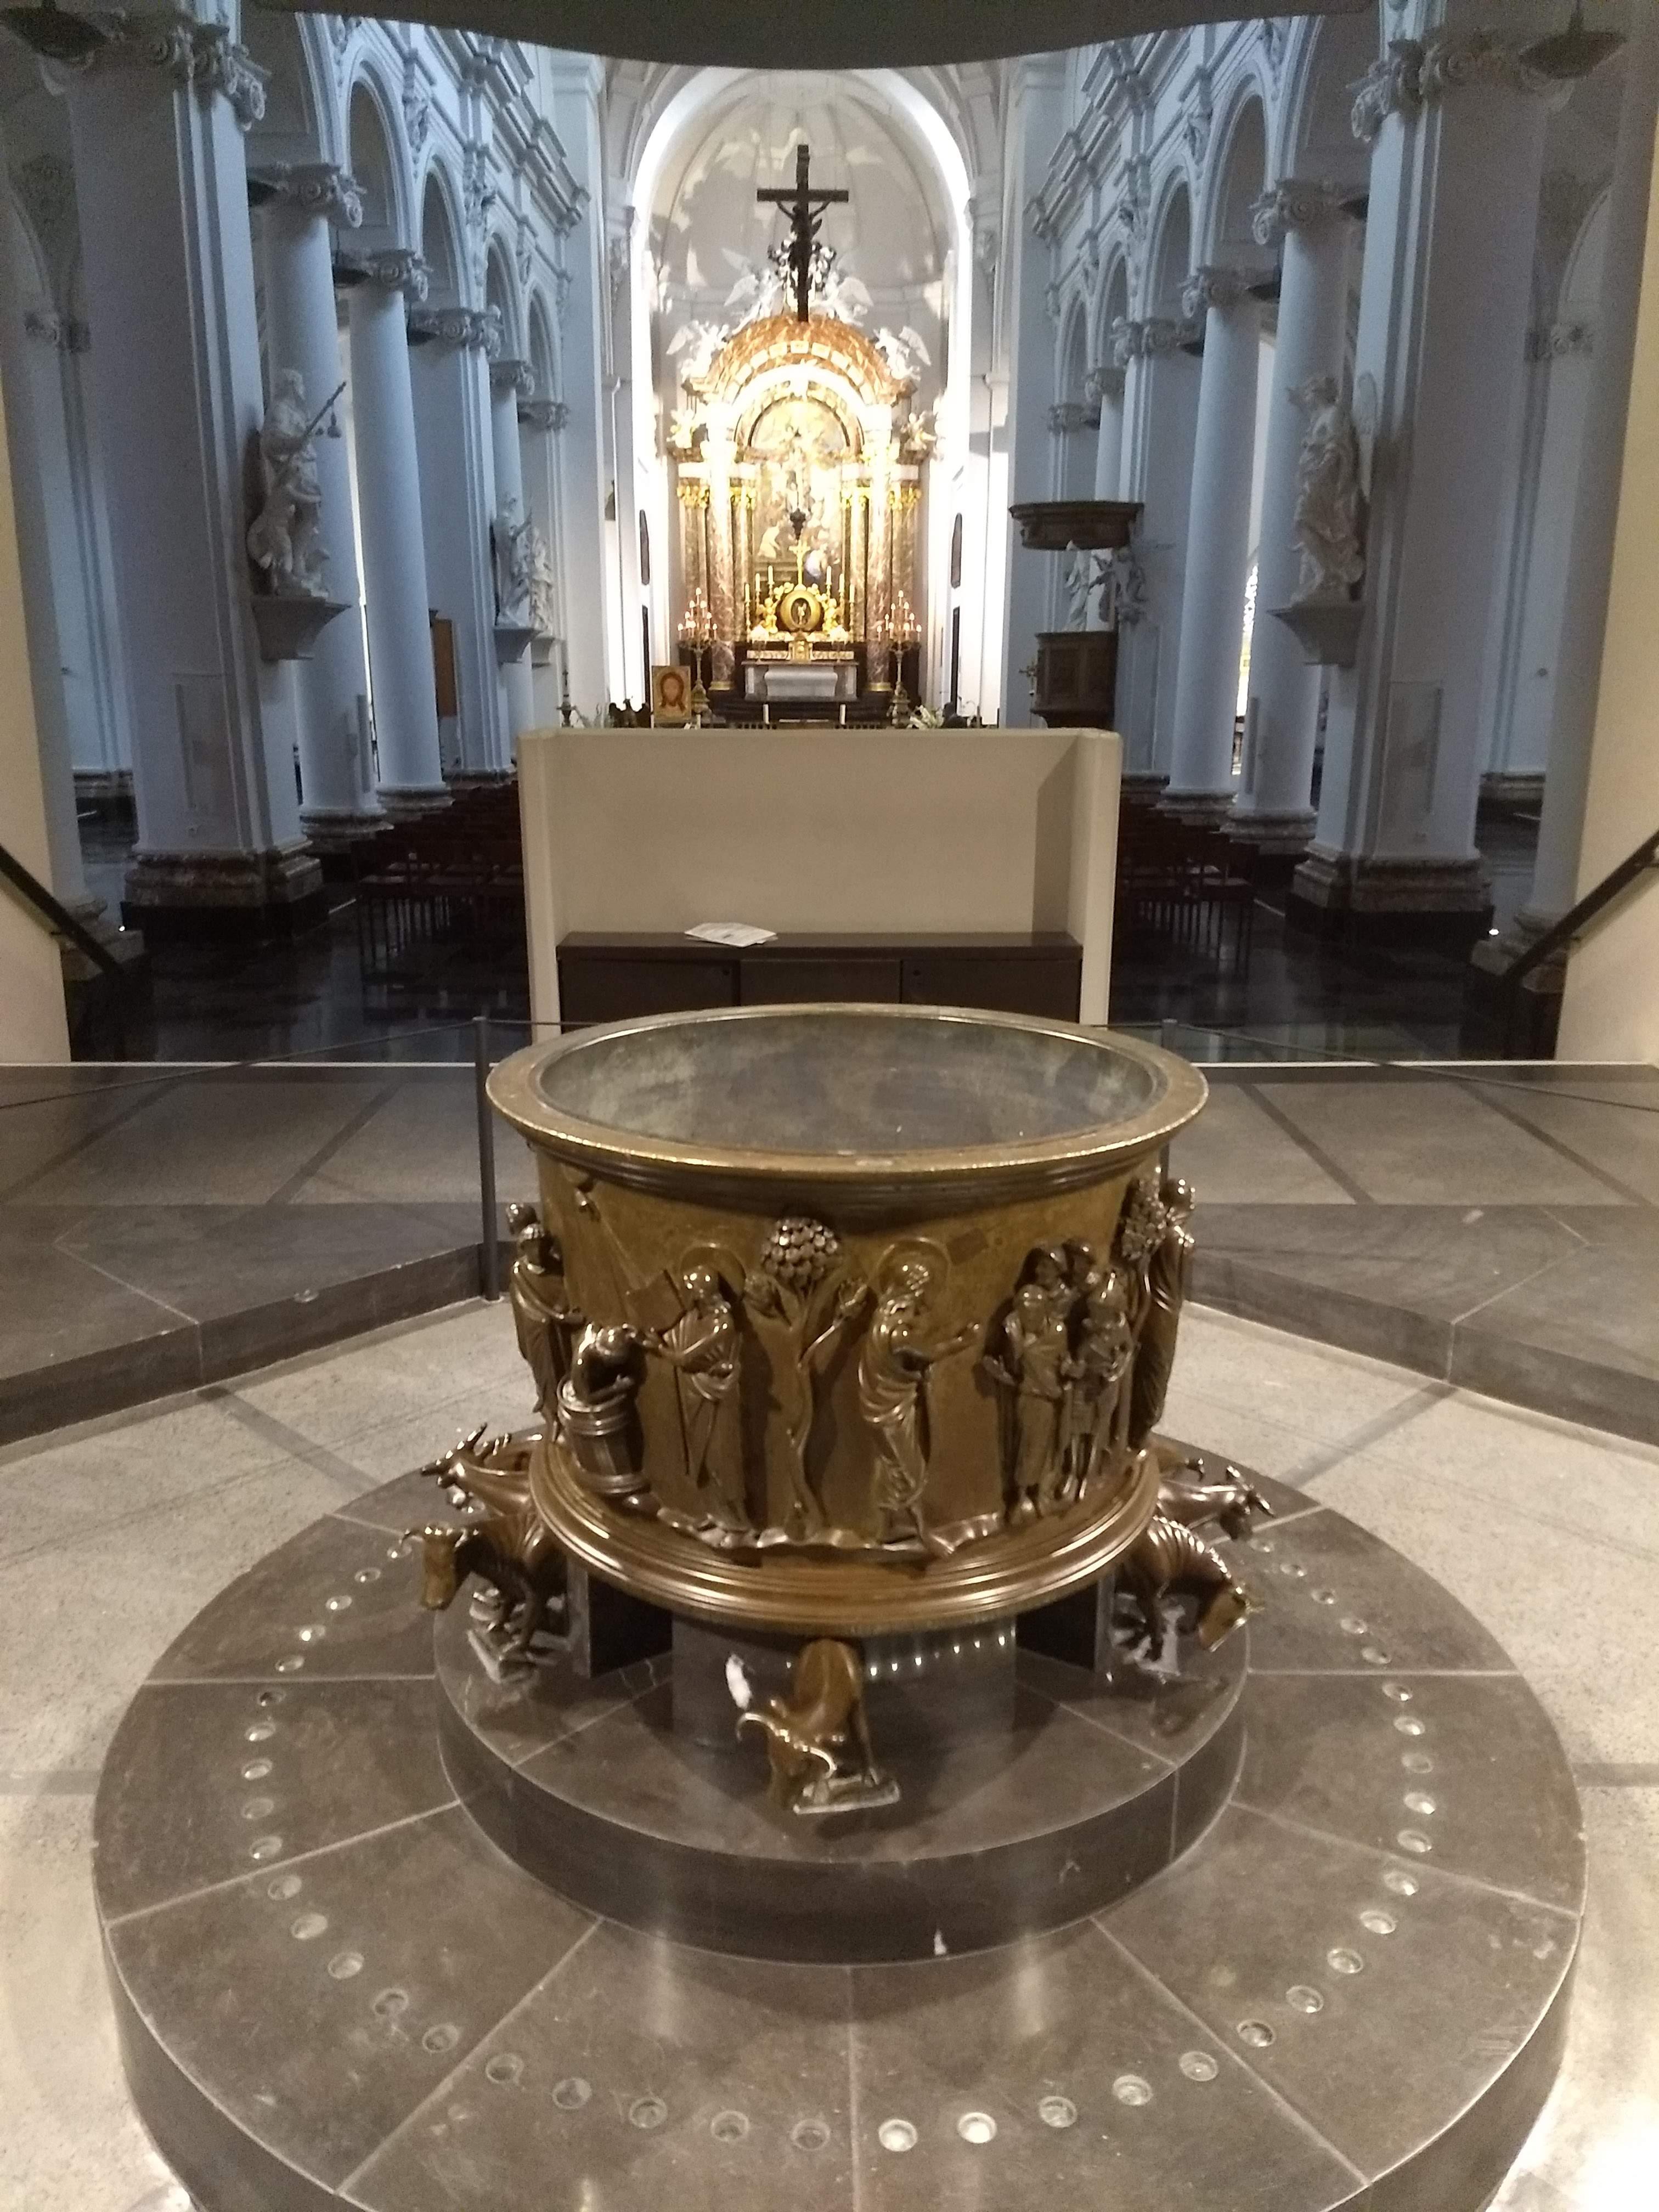 De doopvont van Reinier van Hoei in de St-Bartholomeus in Luik